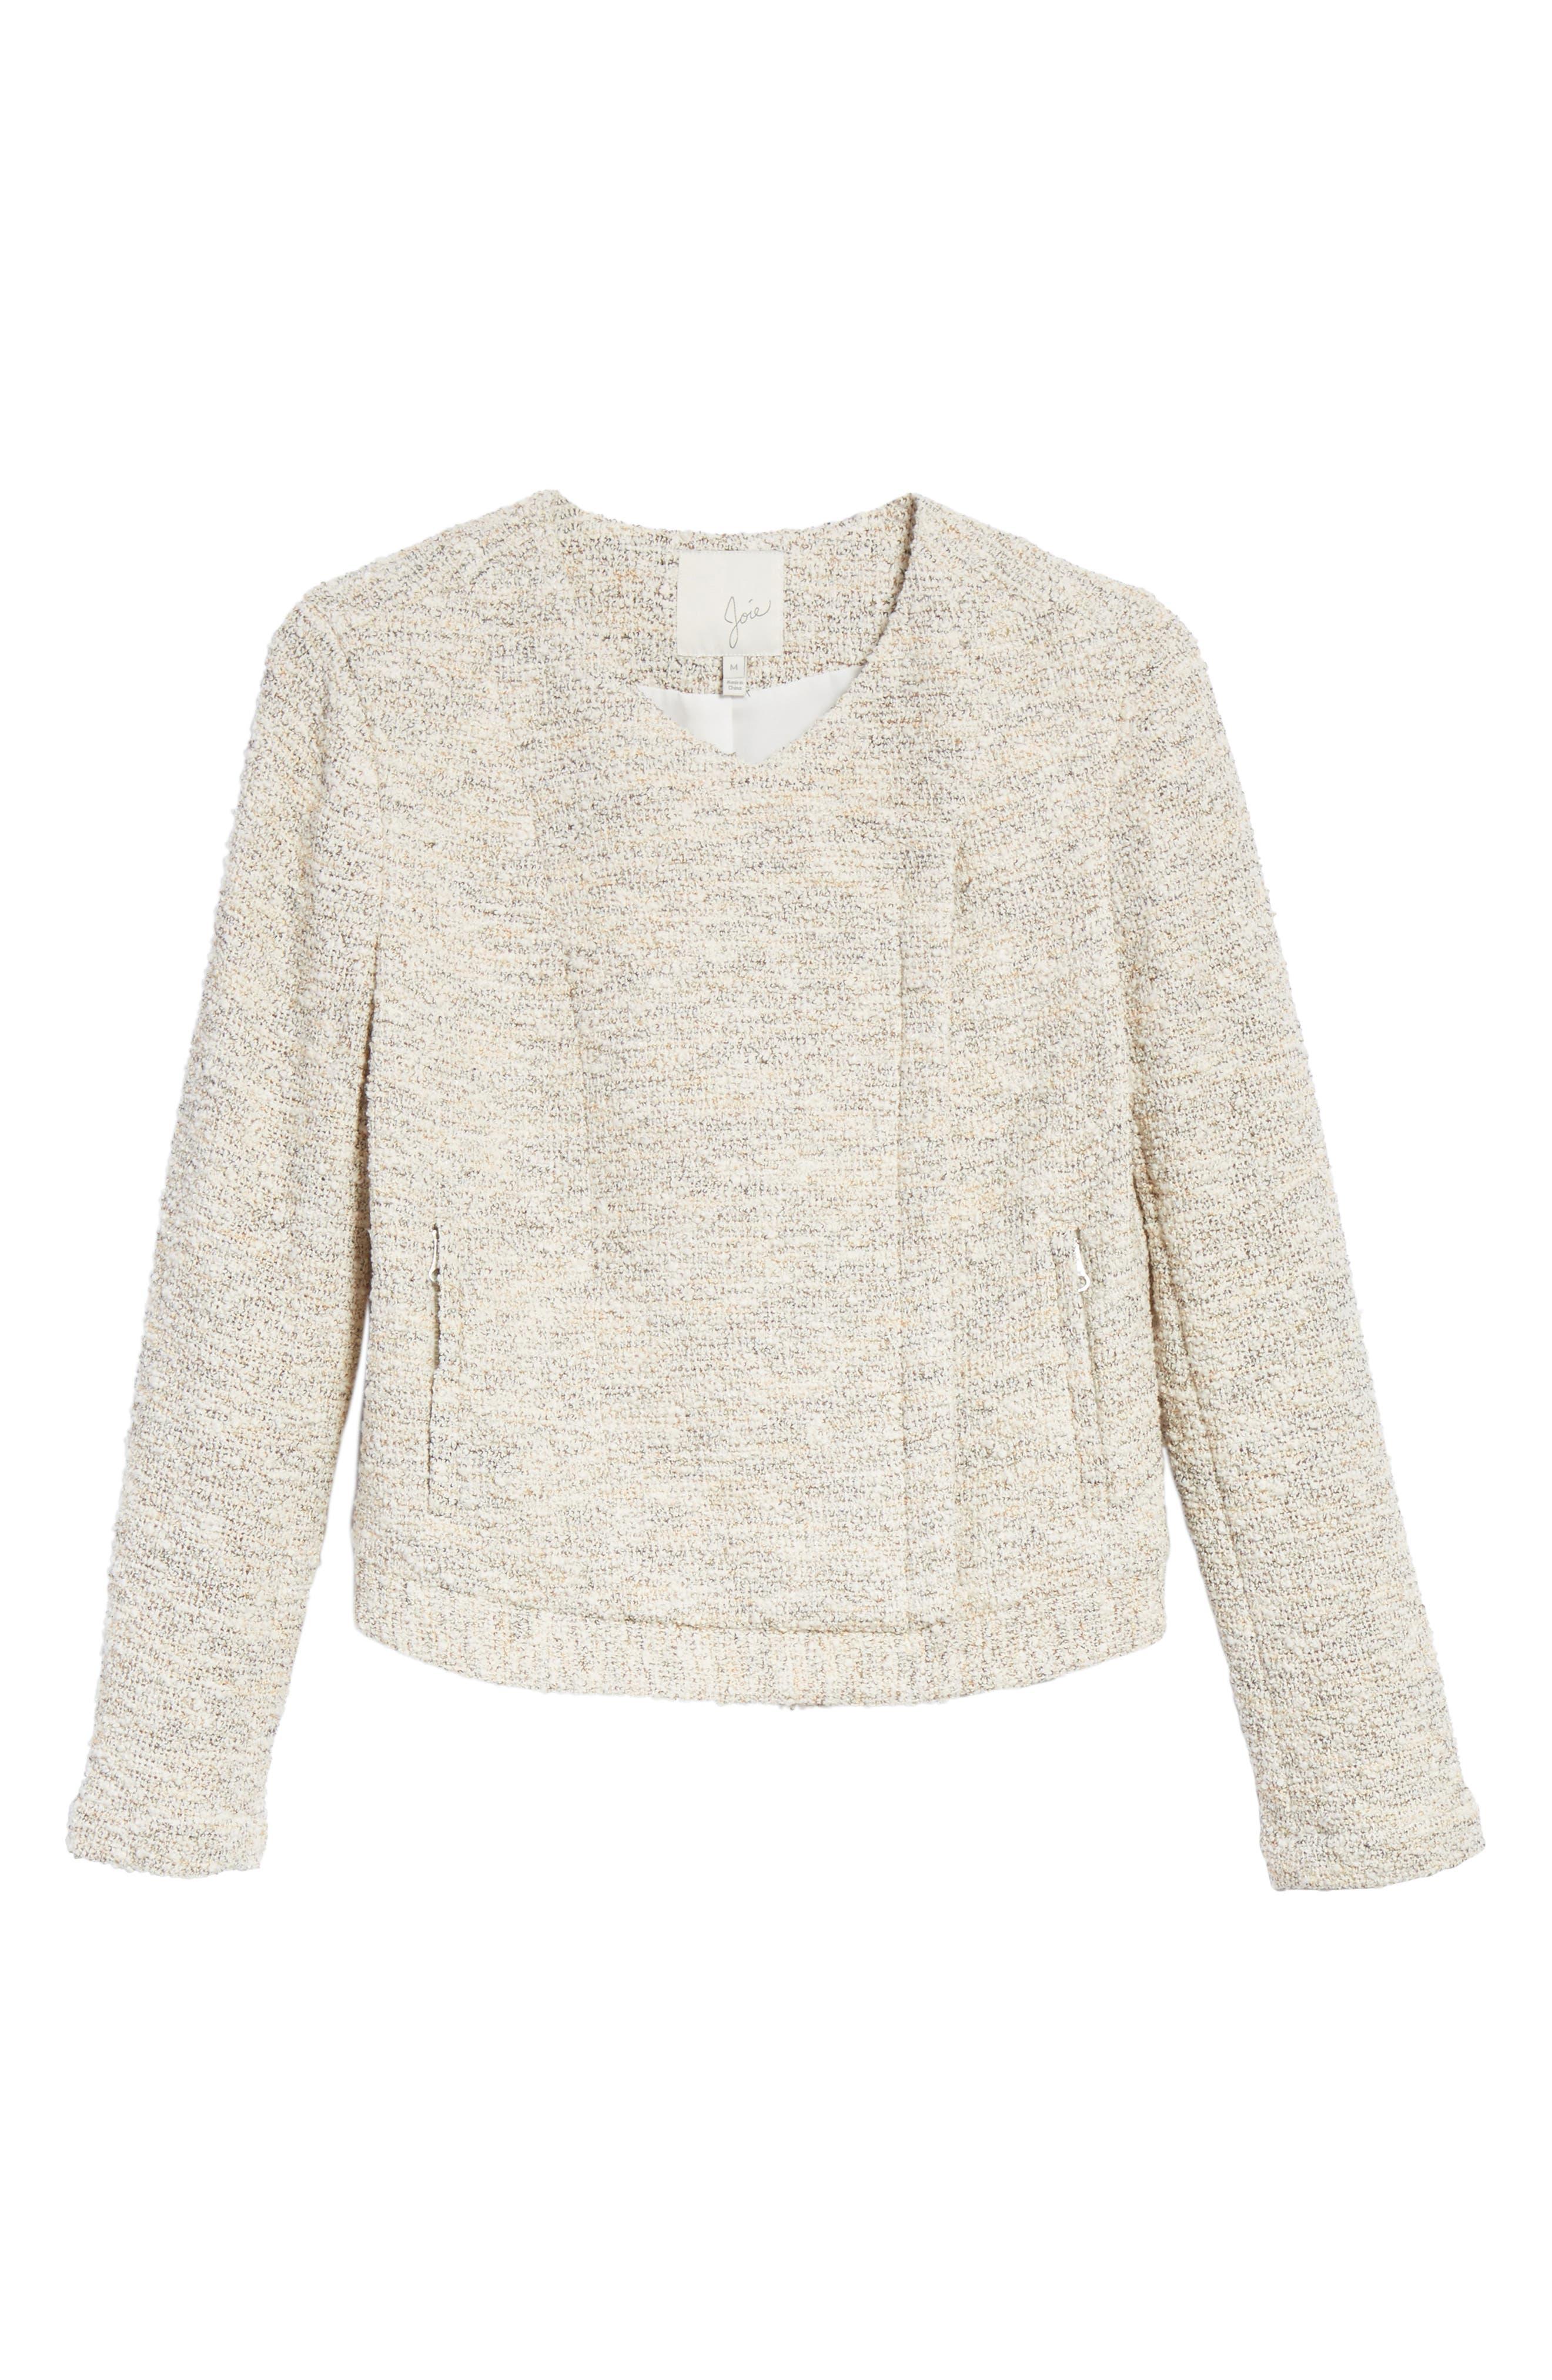 'Balina' Tweed Jacket,                             Alternate thumbnail 5, color,                             114